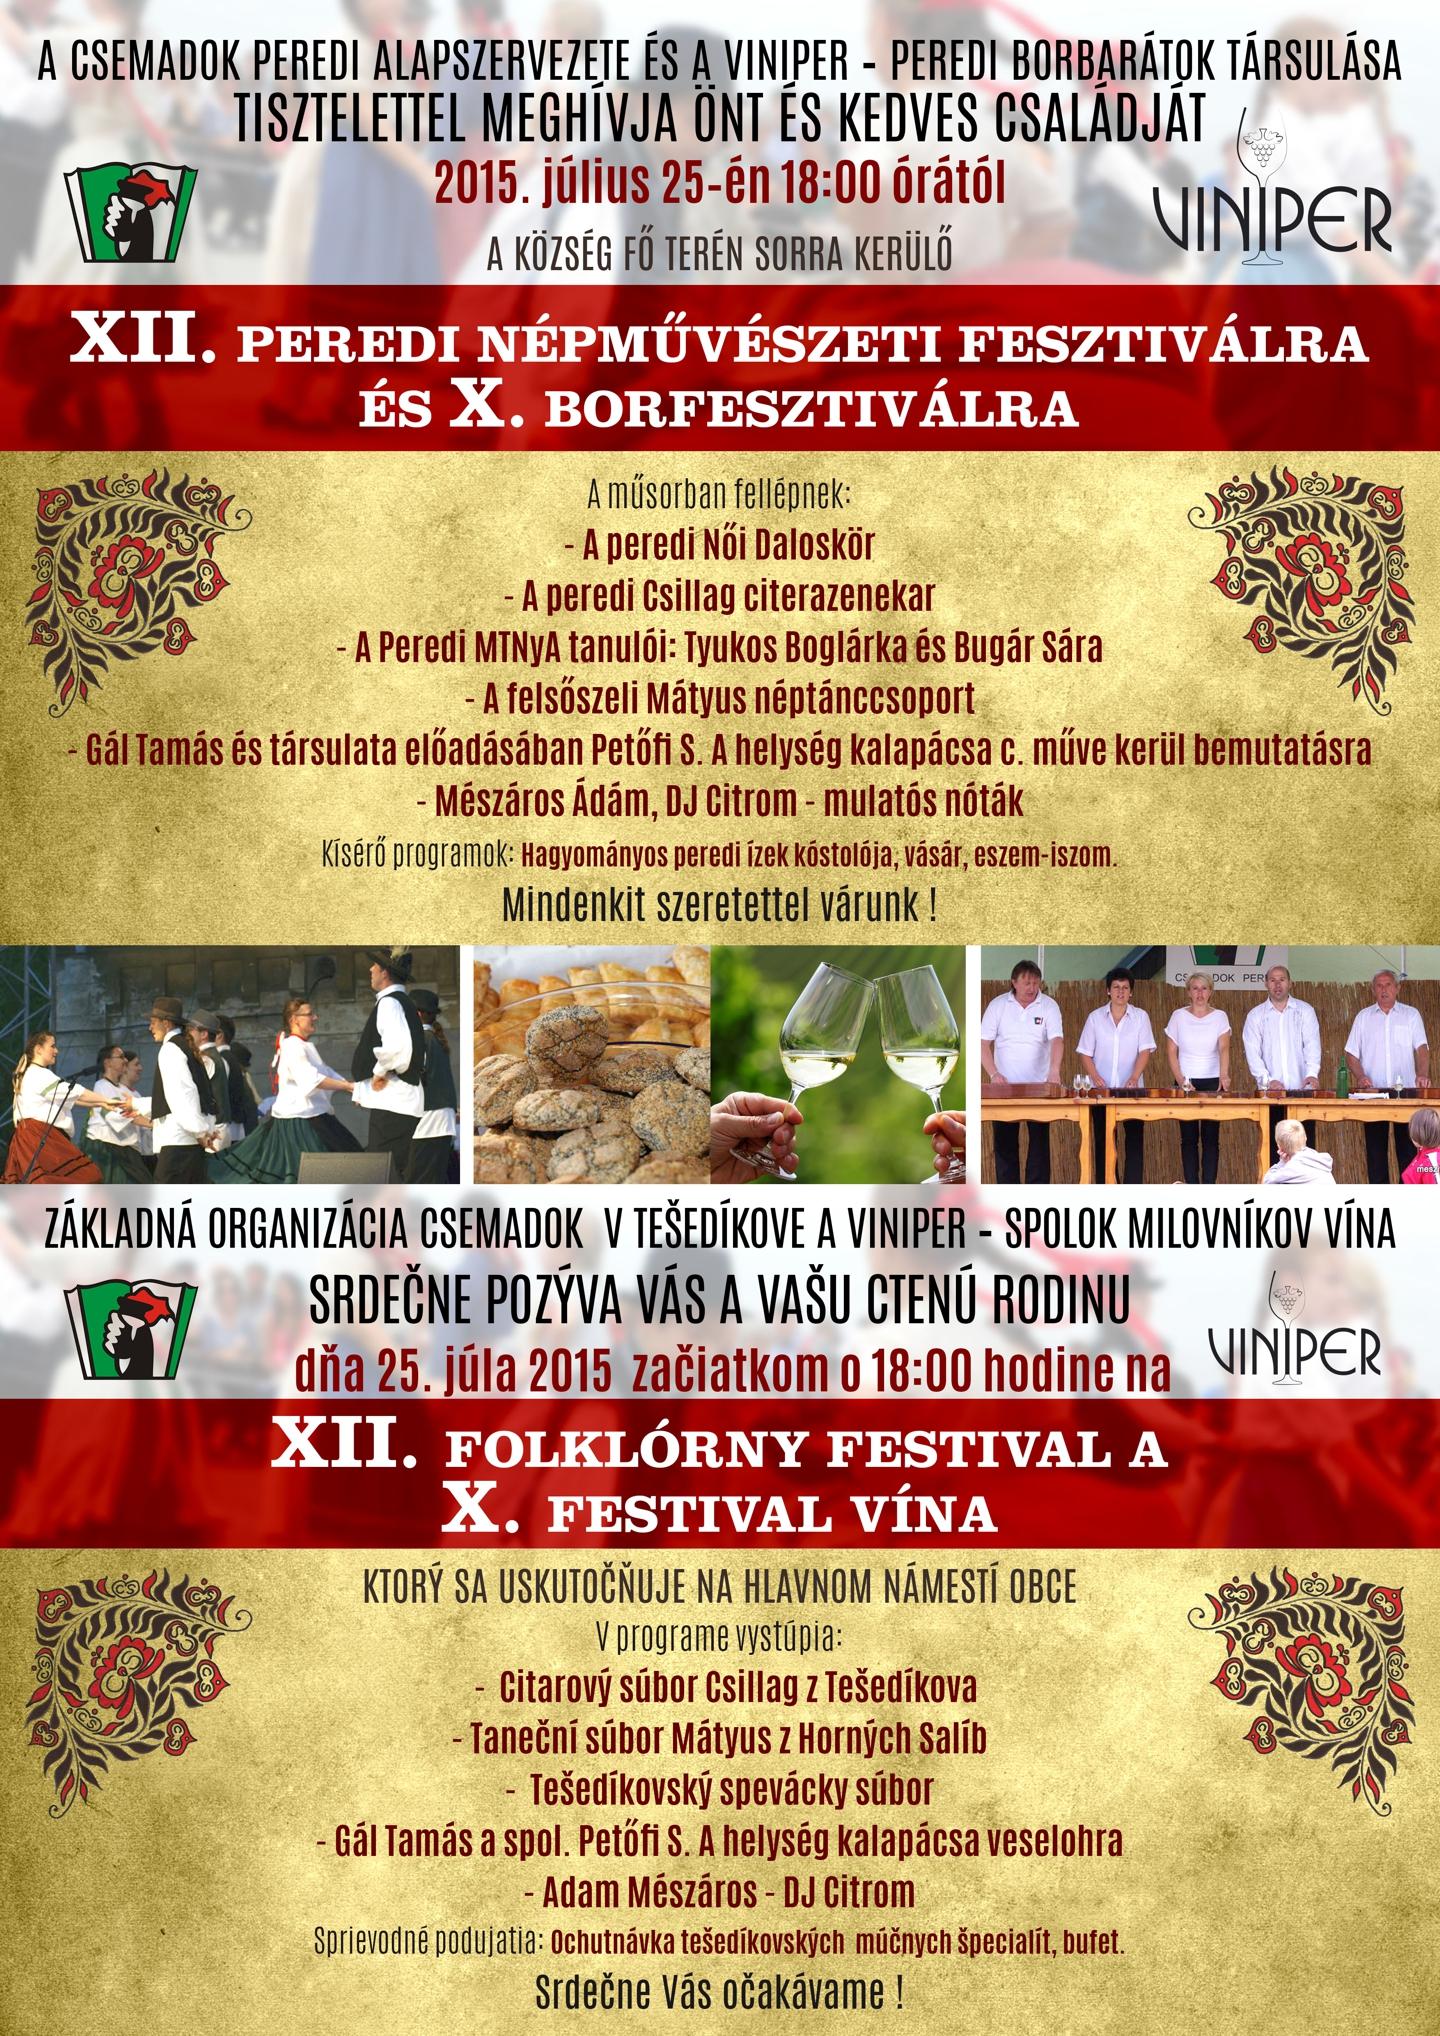 pered-nepmuveszeti-fesztival-2015